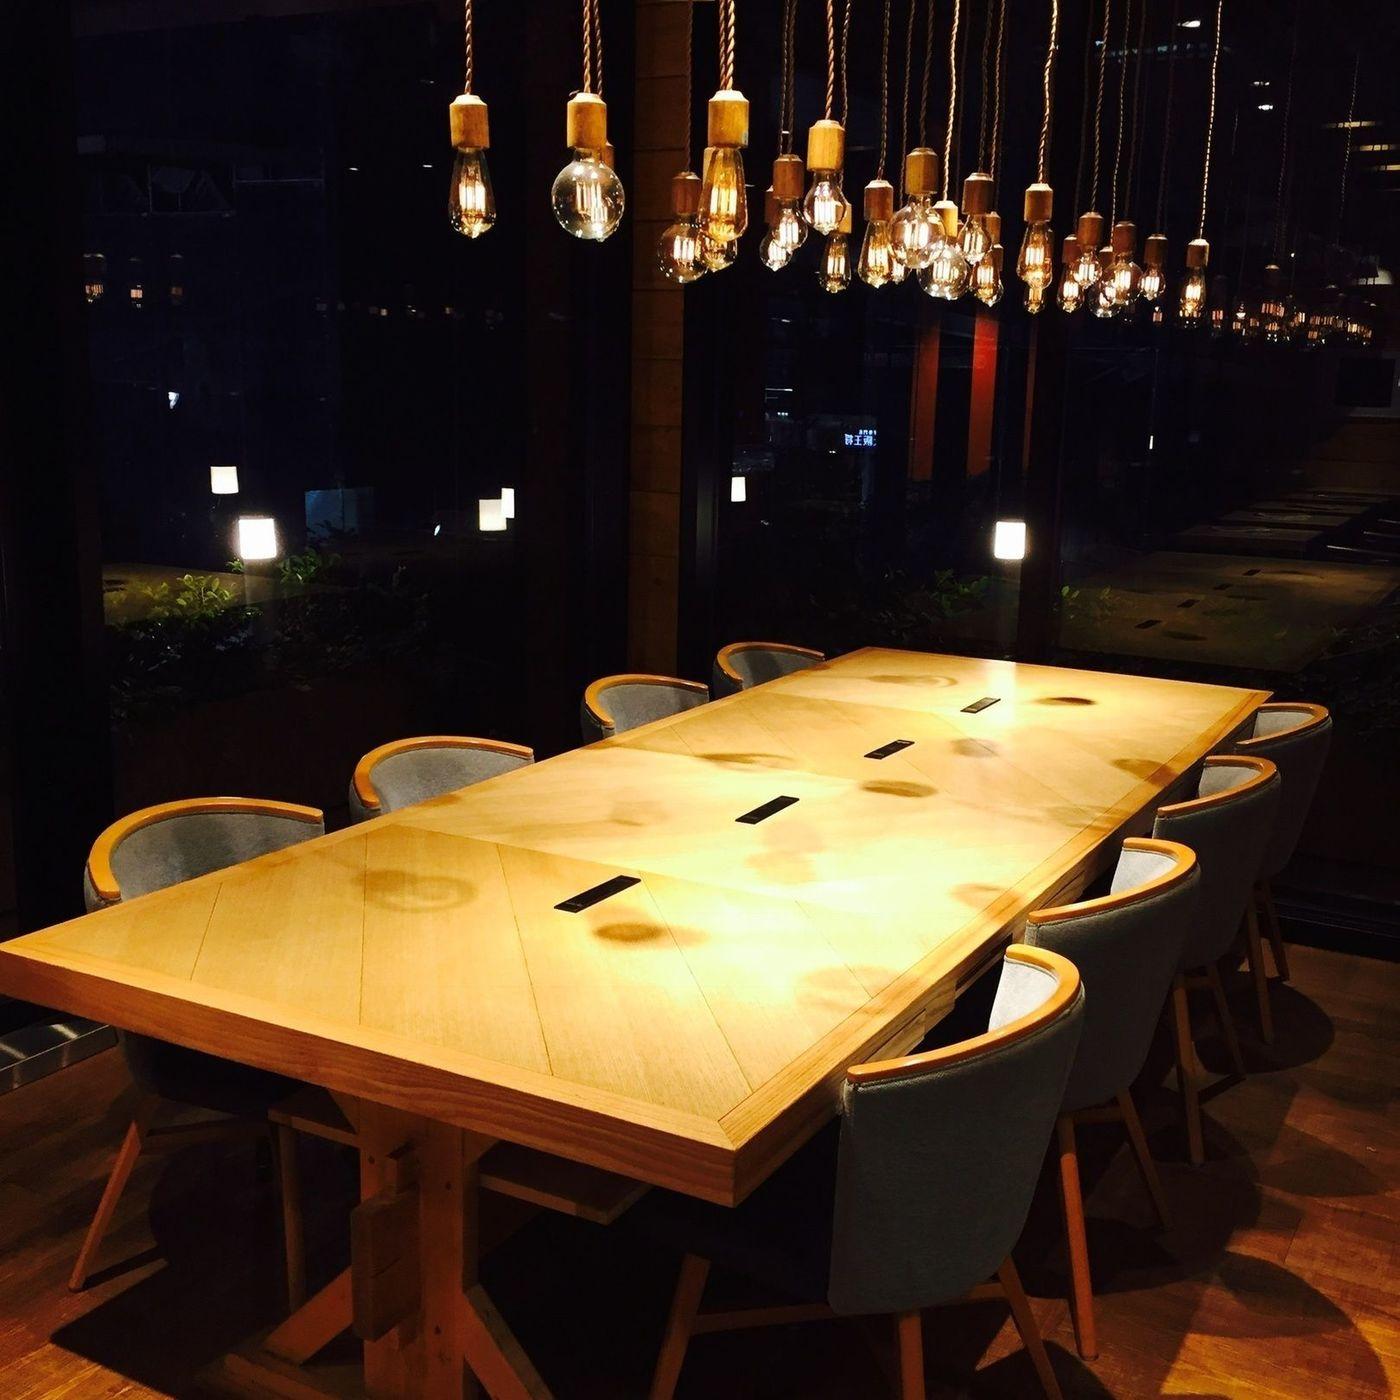 【新宿】カフェで個室デート!打ち合わせにもおすすめのお店5選♪の画像